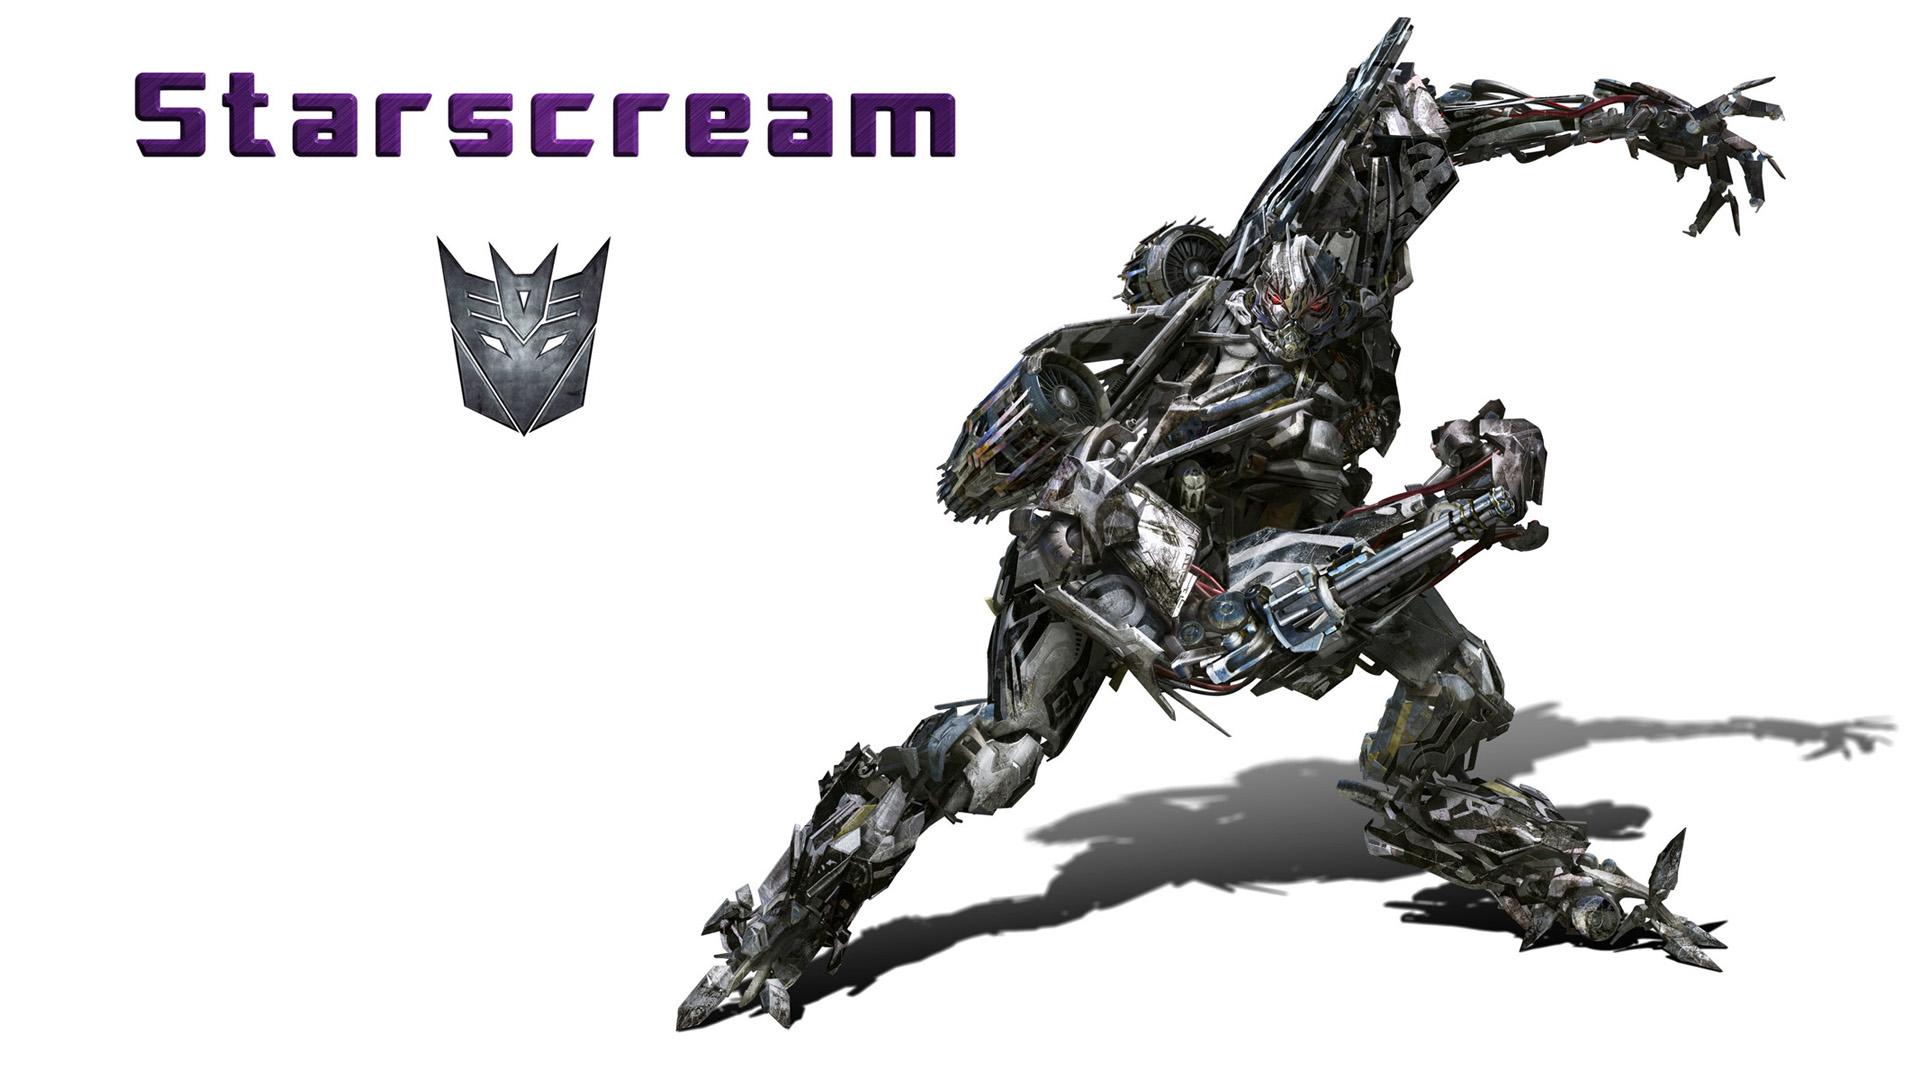 Transformers Revenge Of The Fallen Starscream wallpaper ...